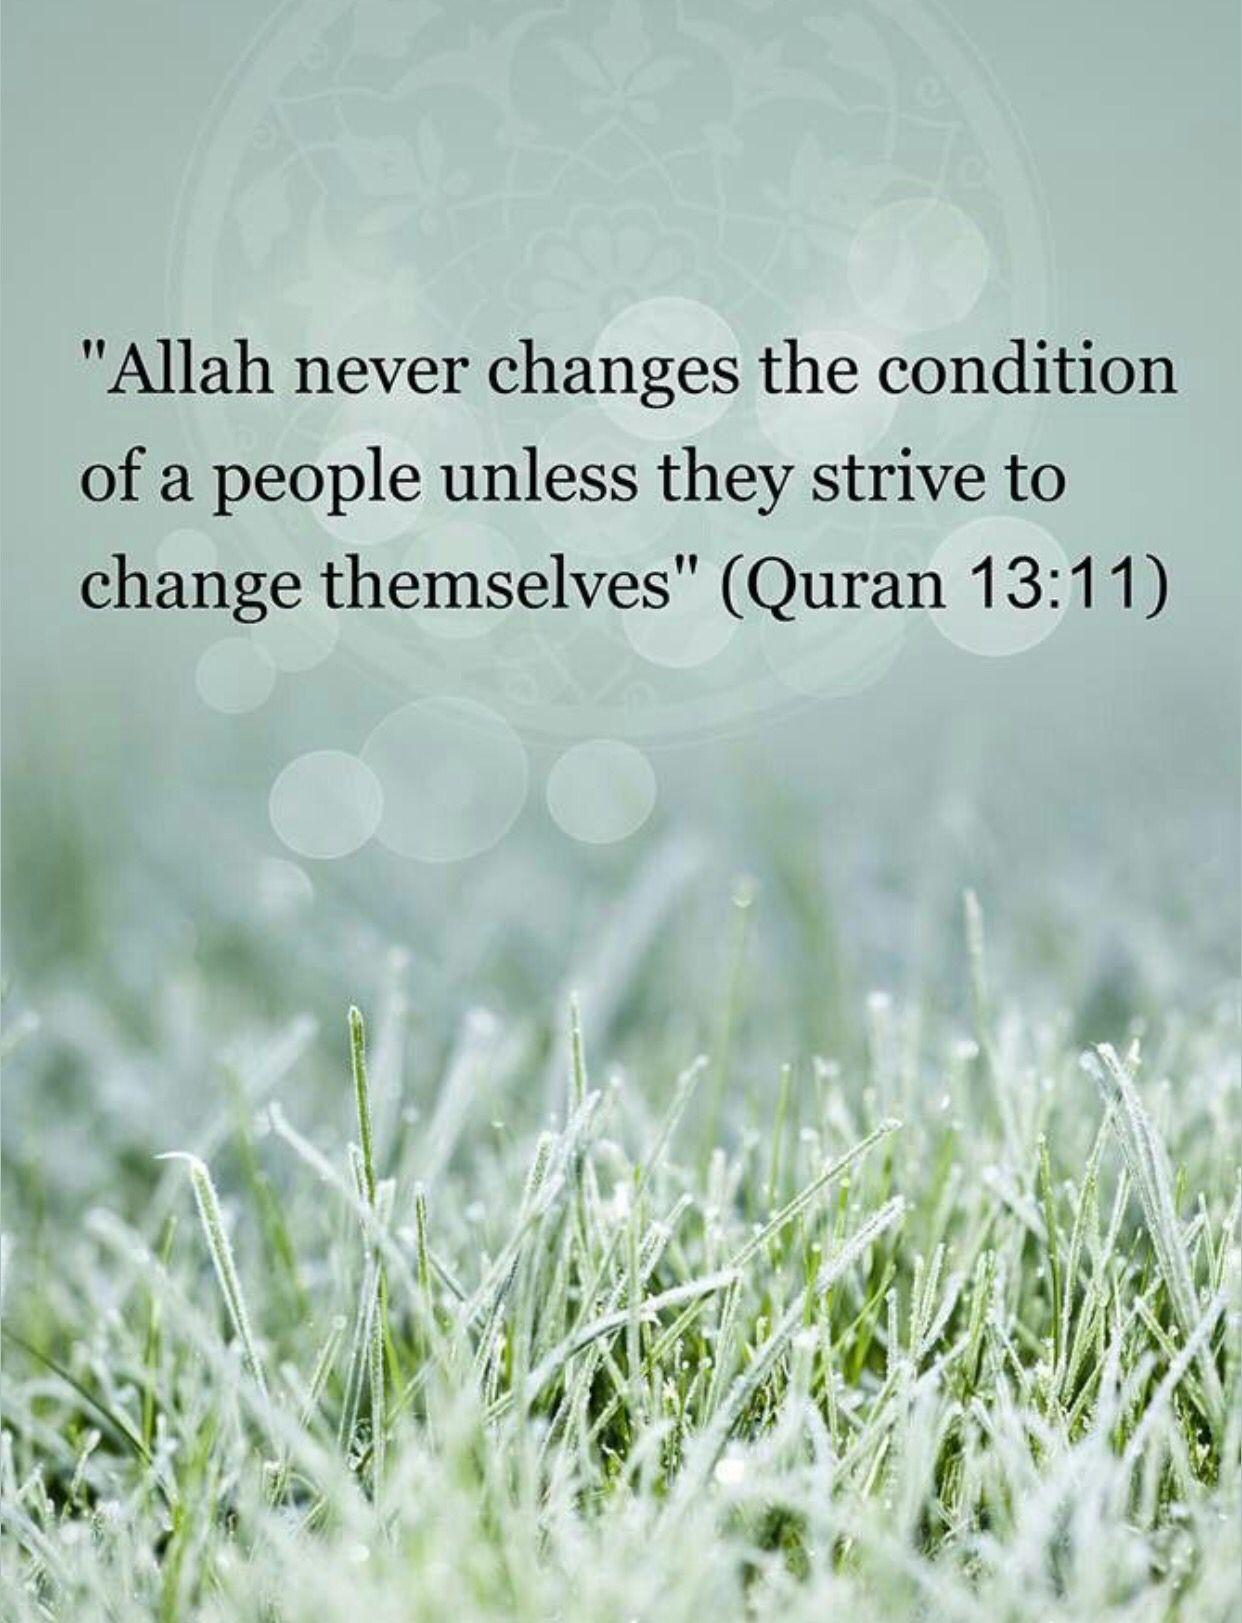 لا يغير ما بقوم إلا أن يغيروا ما بأنفسهم Uznain Quran